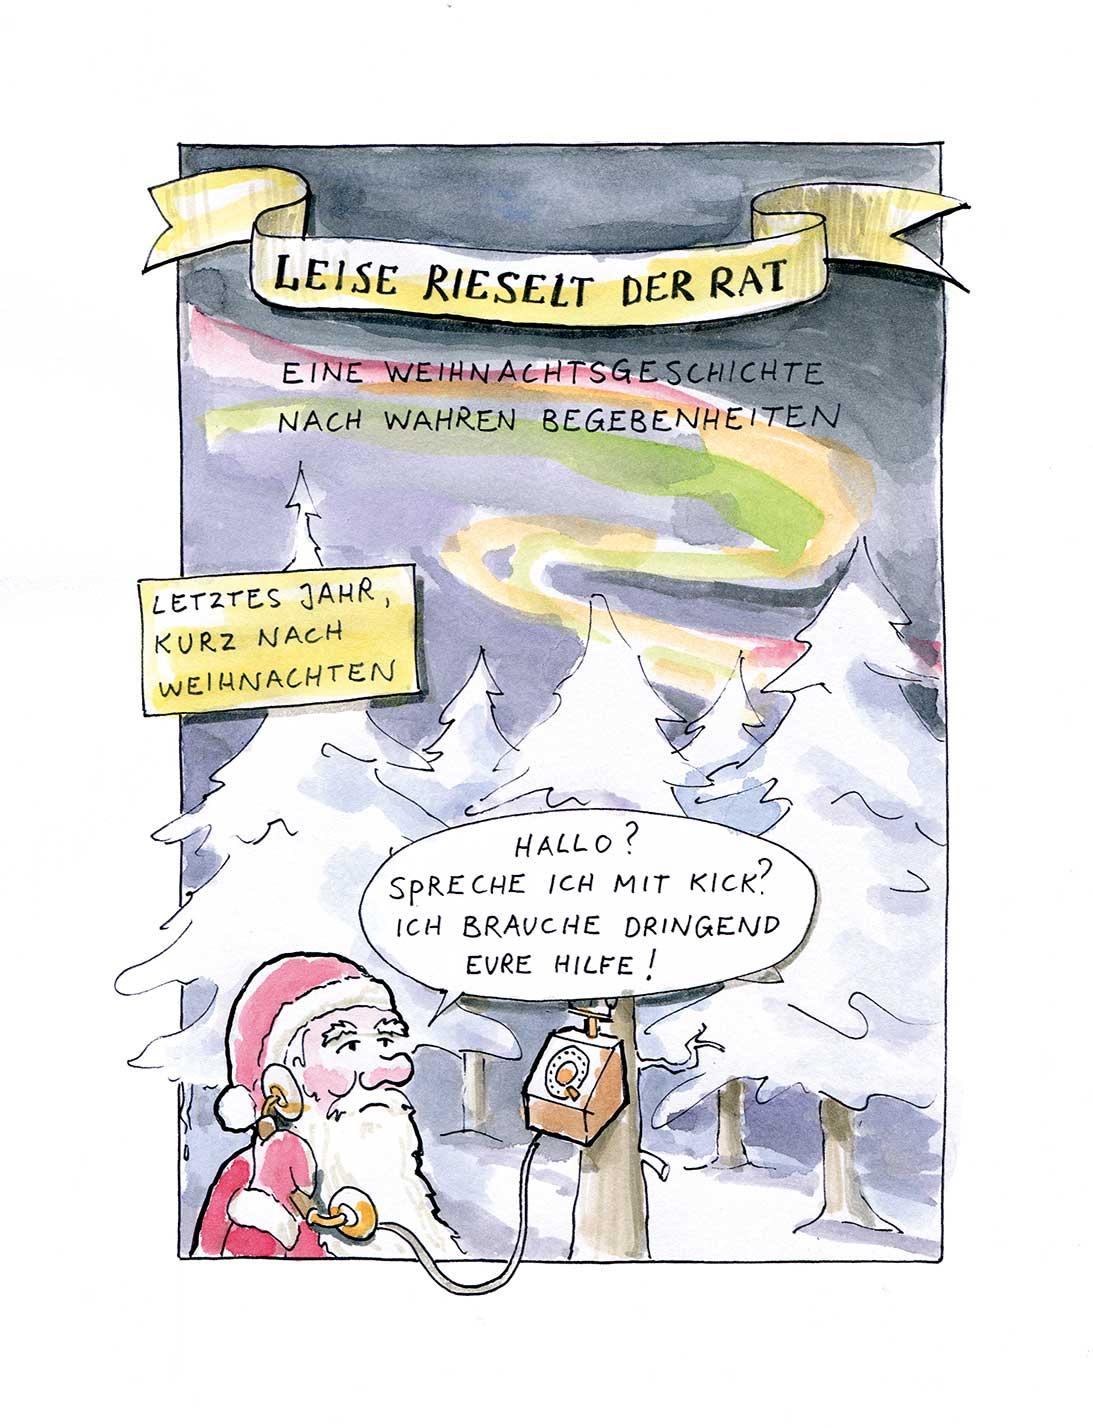 Weihnachten. Weihnachtsmann braucht Hilfe. Cartoon. Beratung.